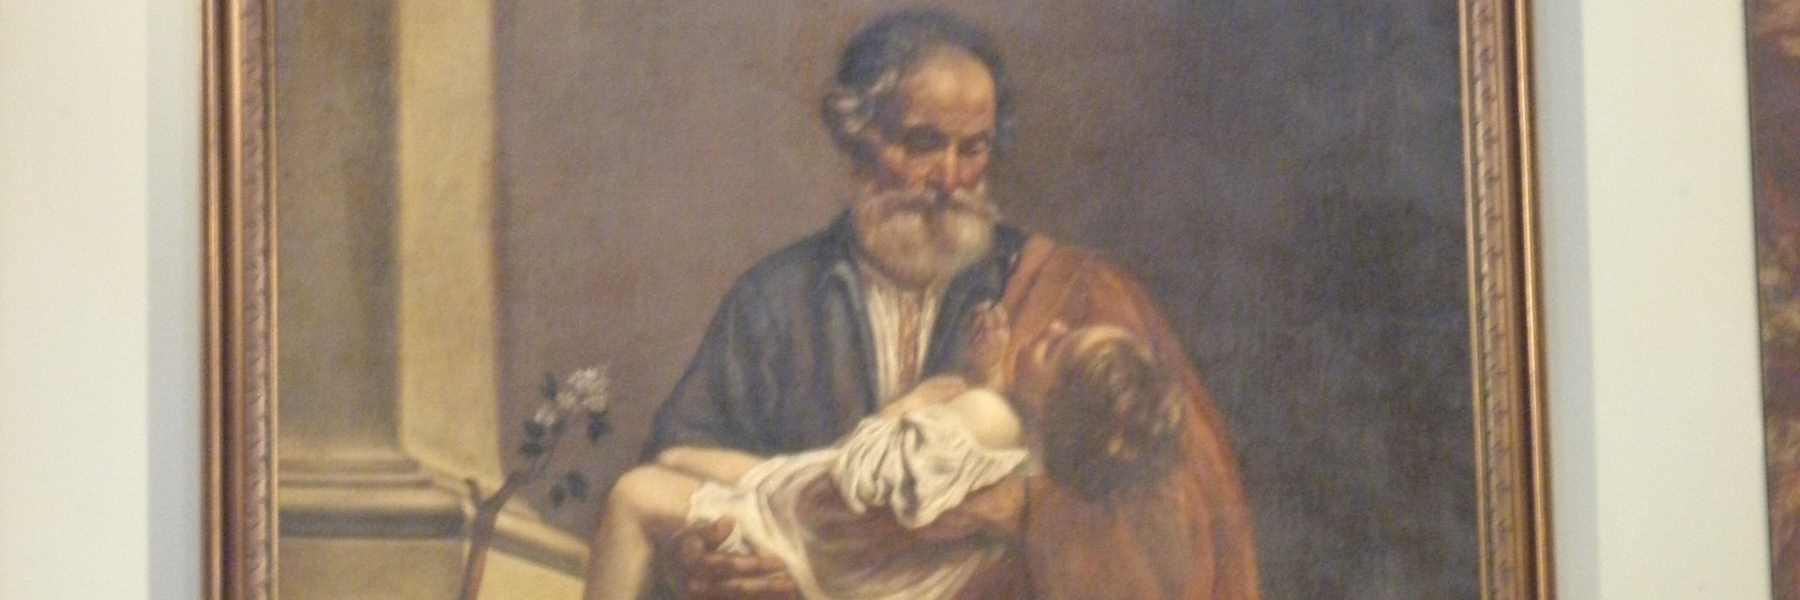 Dipinto di San Giuseppe con il Bambino